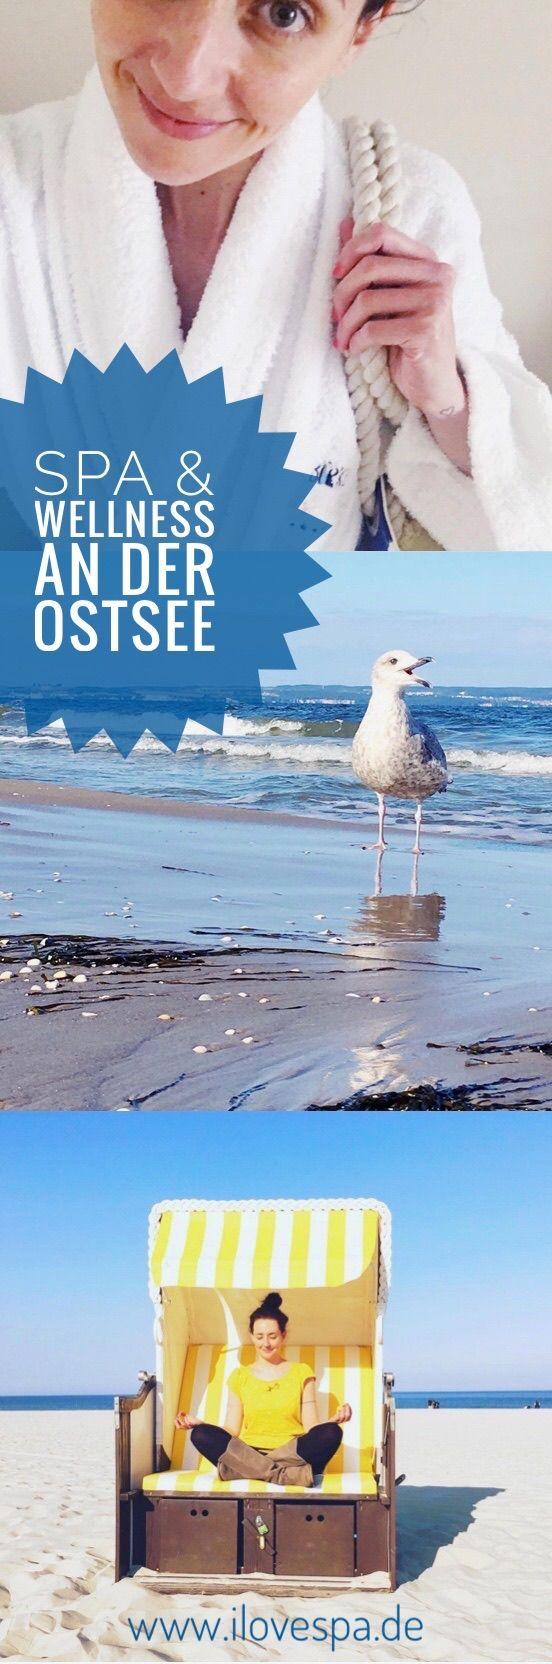 Spa & Wellness Ostsee - Meine liebsten Wellnesshotels an der Ostsee!